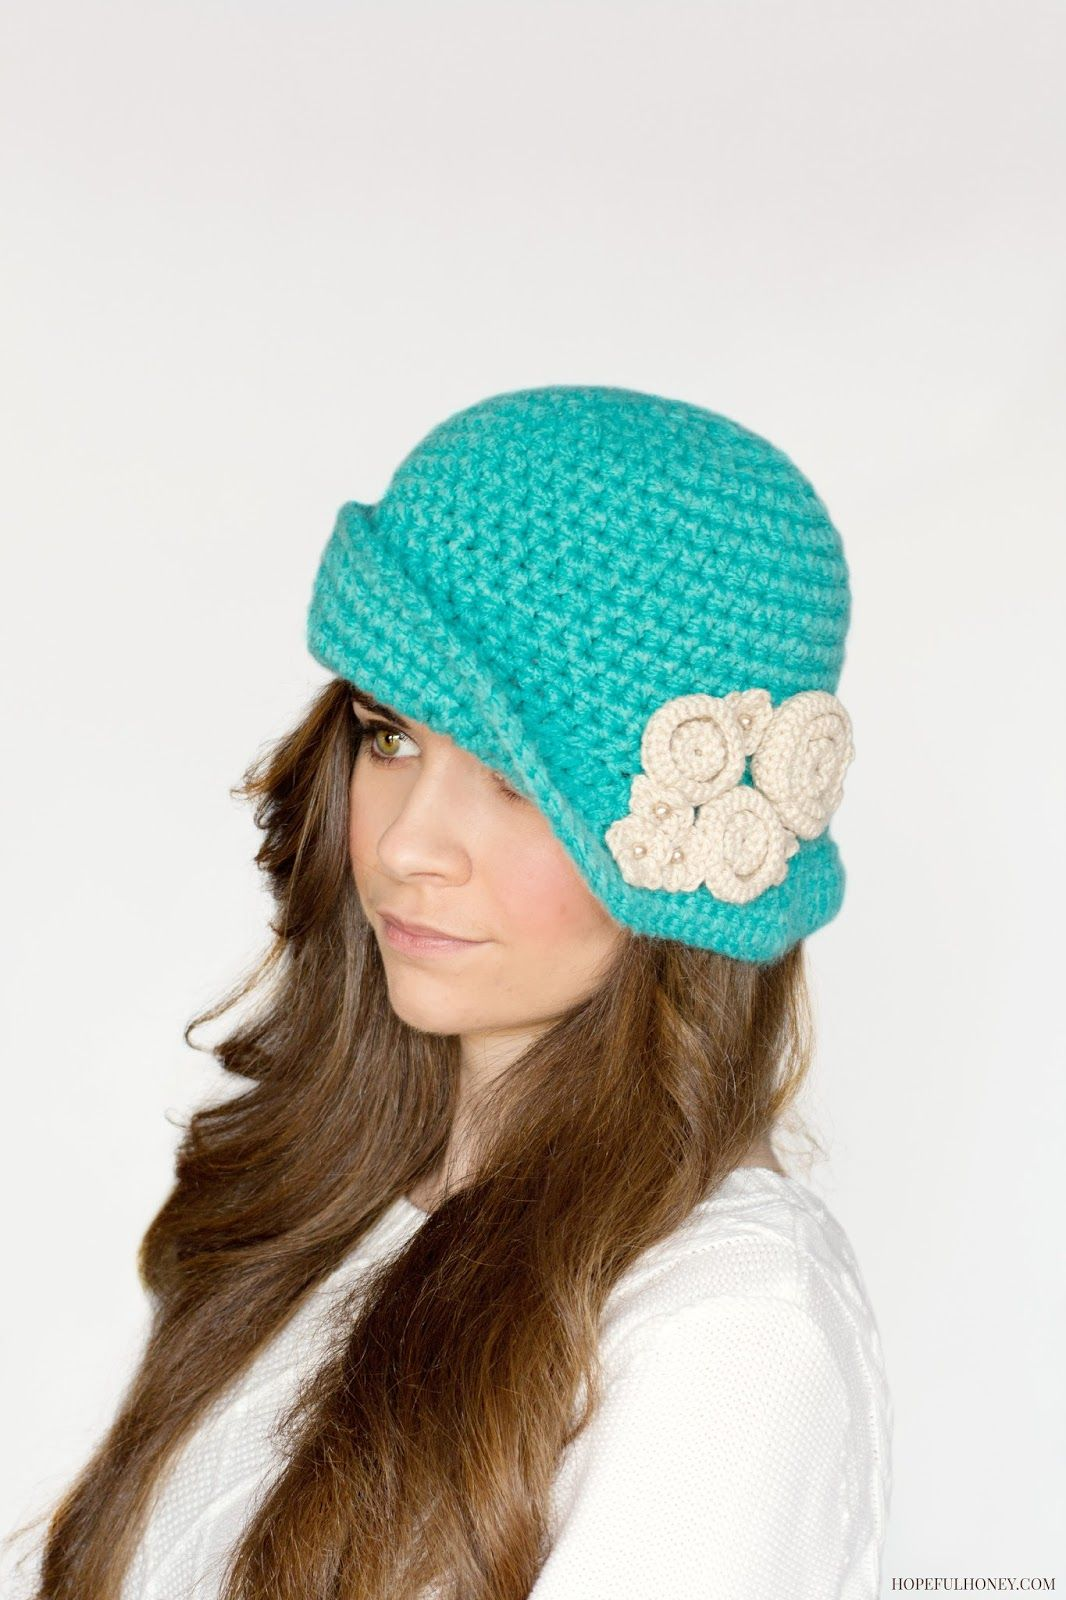 c68335a8c8628 Charleston Cloche Hat Crochet Pattern | Crochet & Me | Crochet hats ...